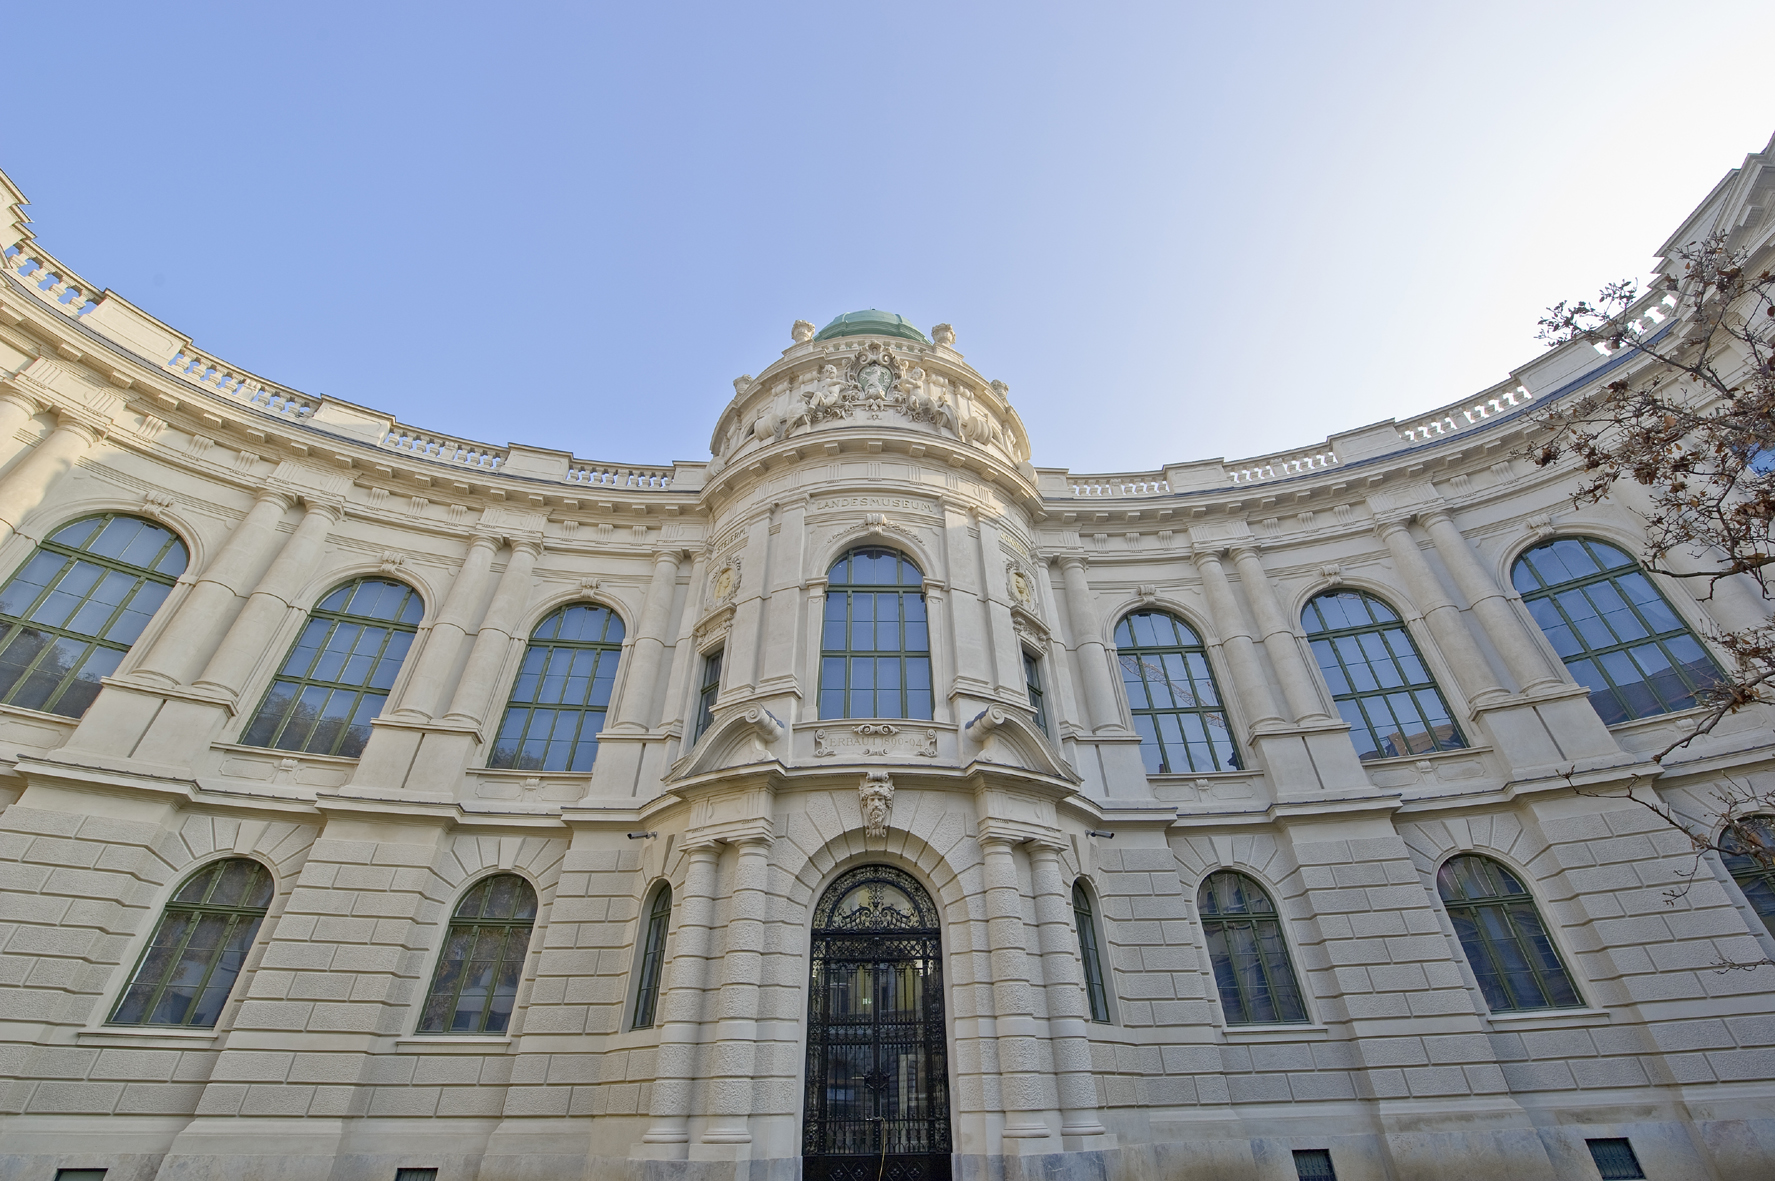 Im Museumsgebäude 'Neutorgasse' war die Kulturhistorische Sammlung anfangs zu Hause. Heute ist das Gebäude Teil des Joanneumsviertels und beheimatet die Neue Galerie Graz. Foto: N. Lackner